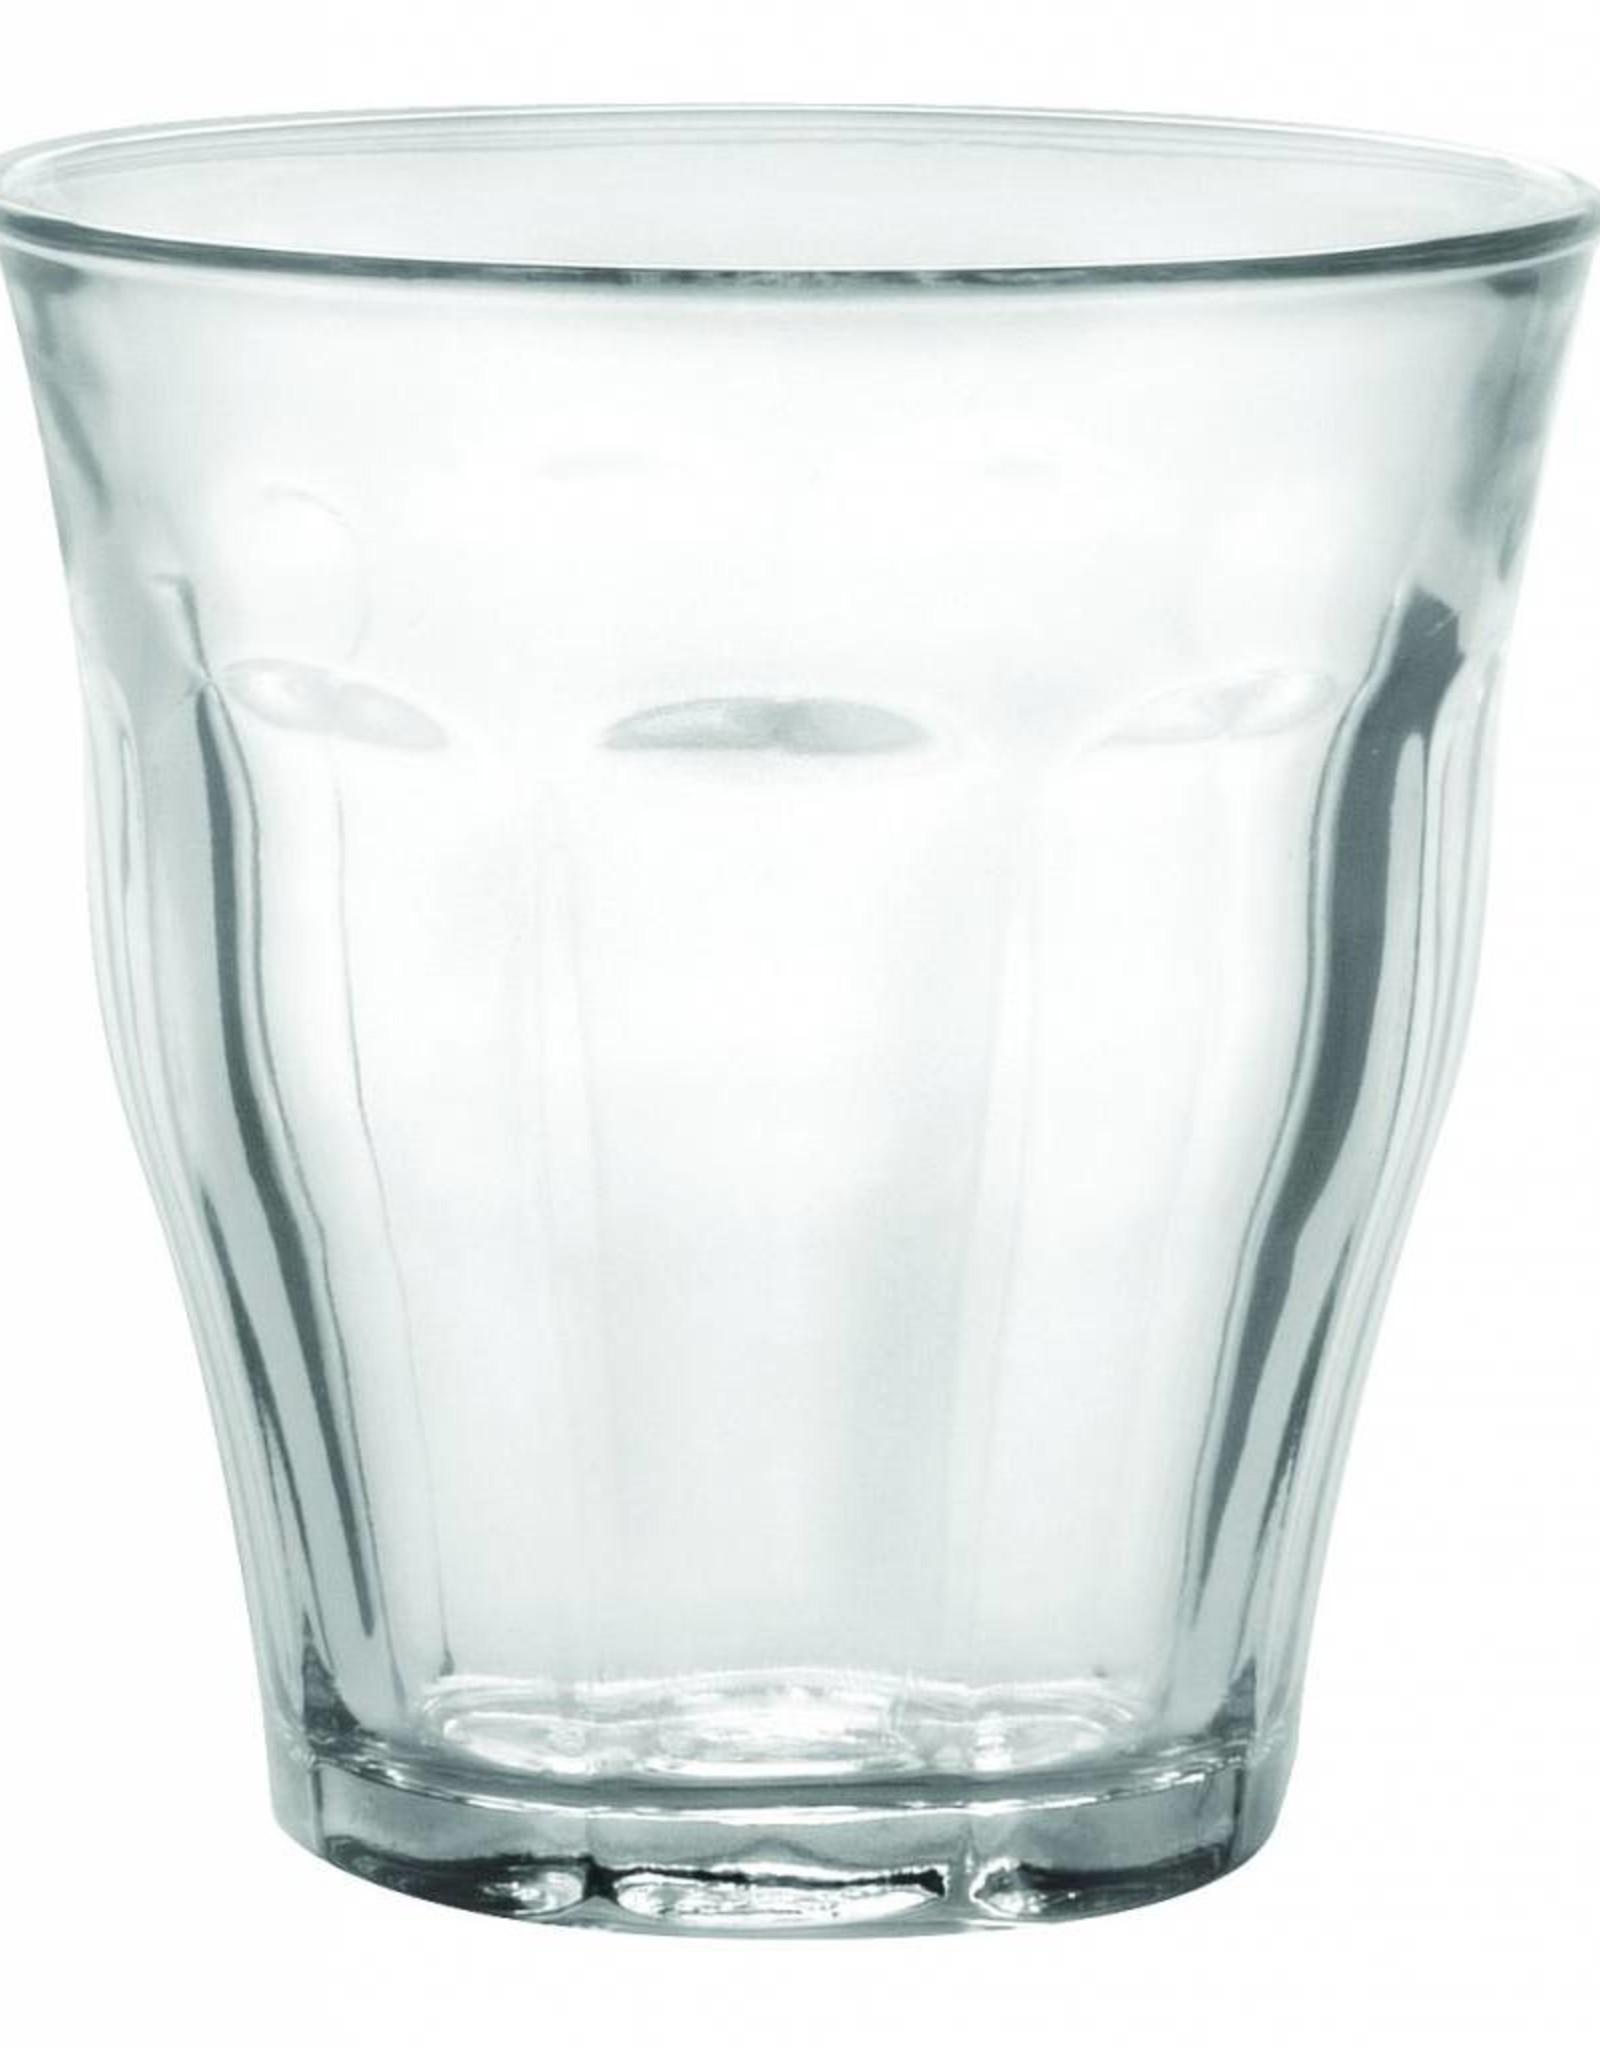 Picardie Drinking Glasses